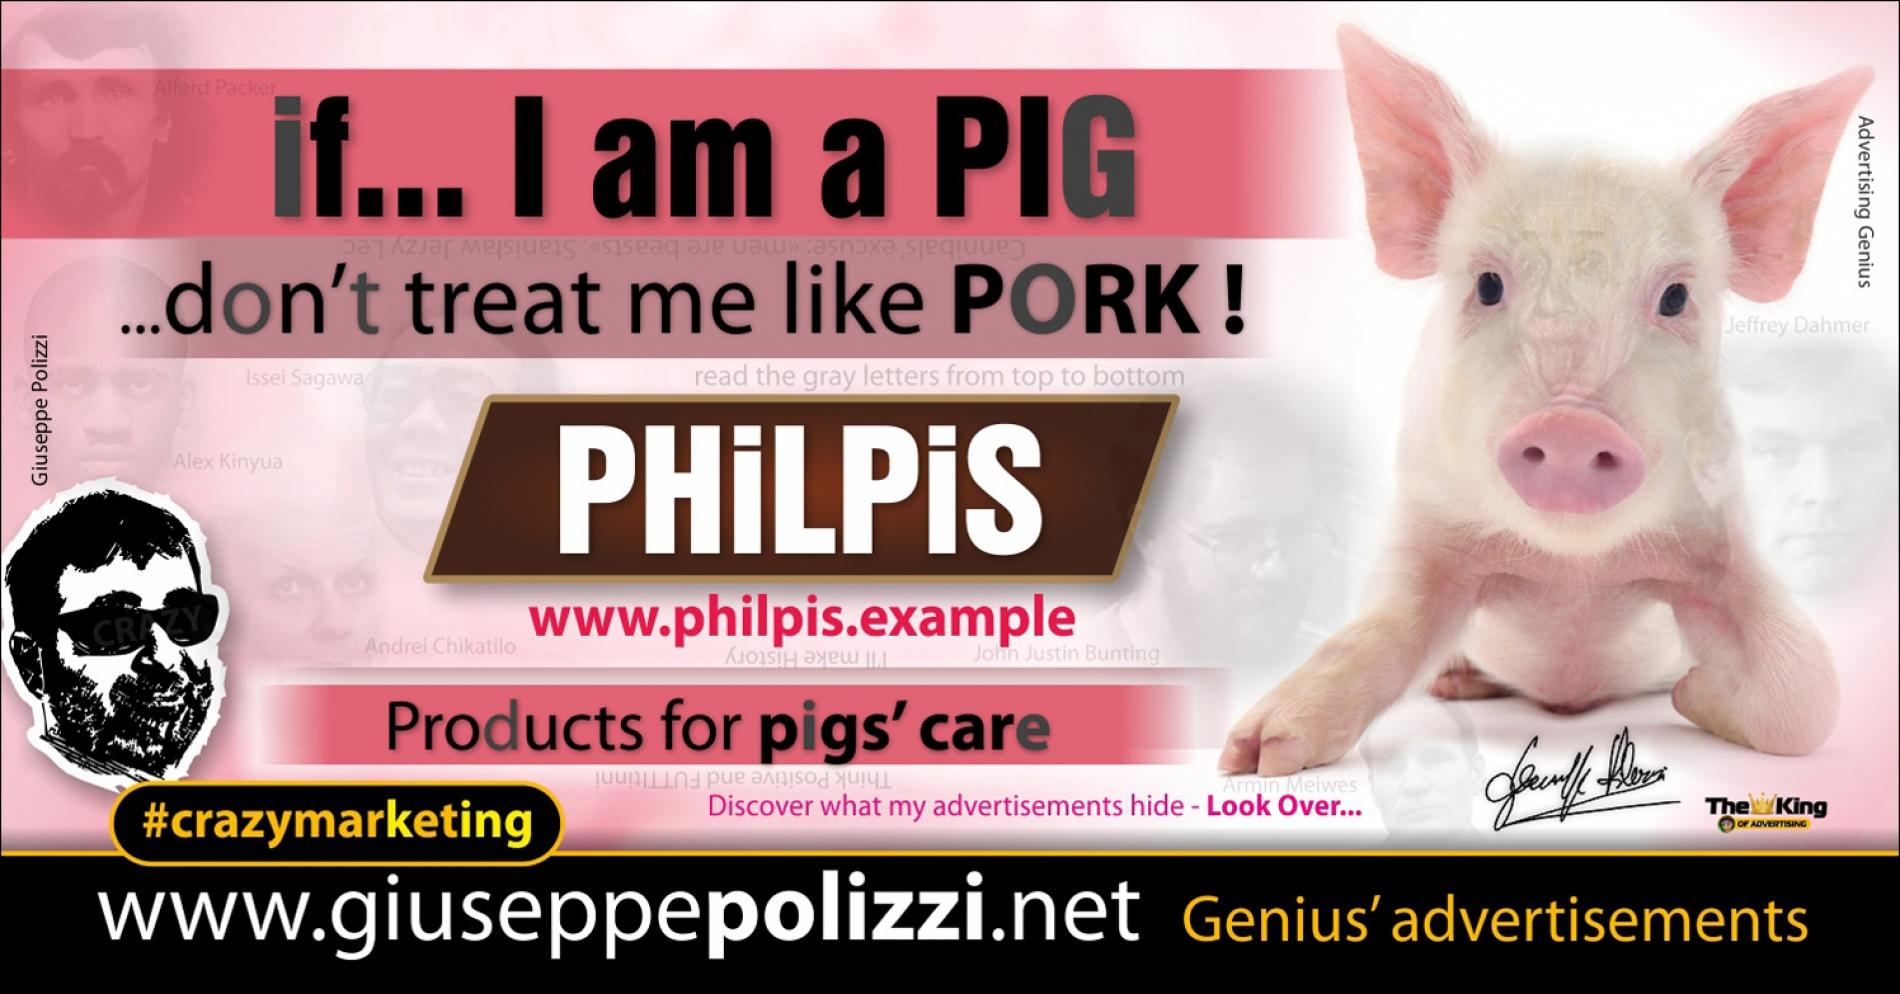 giuseppe Polizzi Pig Pork crazymarketing pubblicita geniali